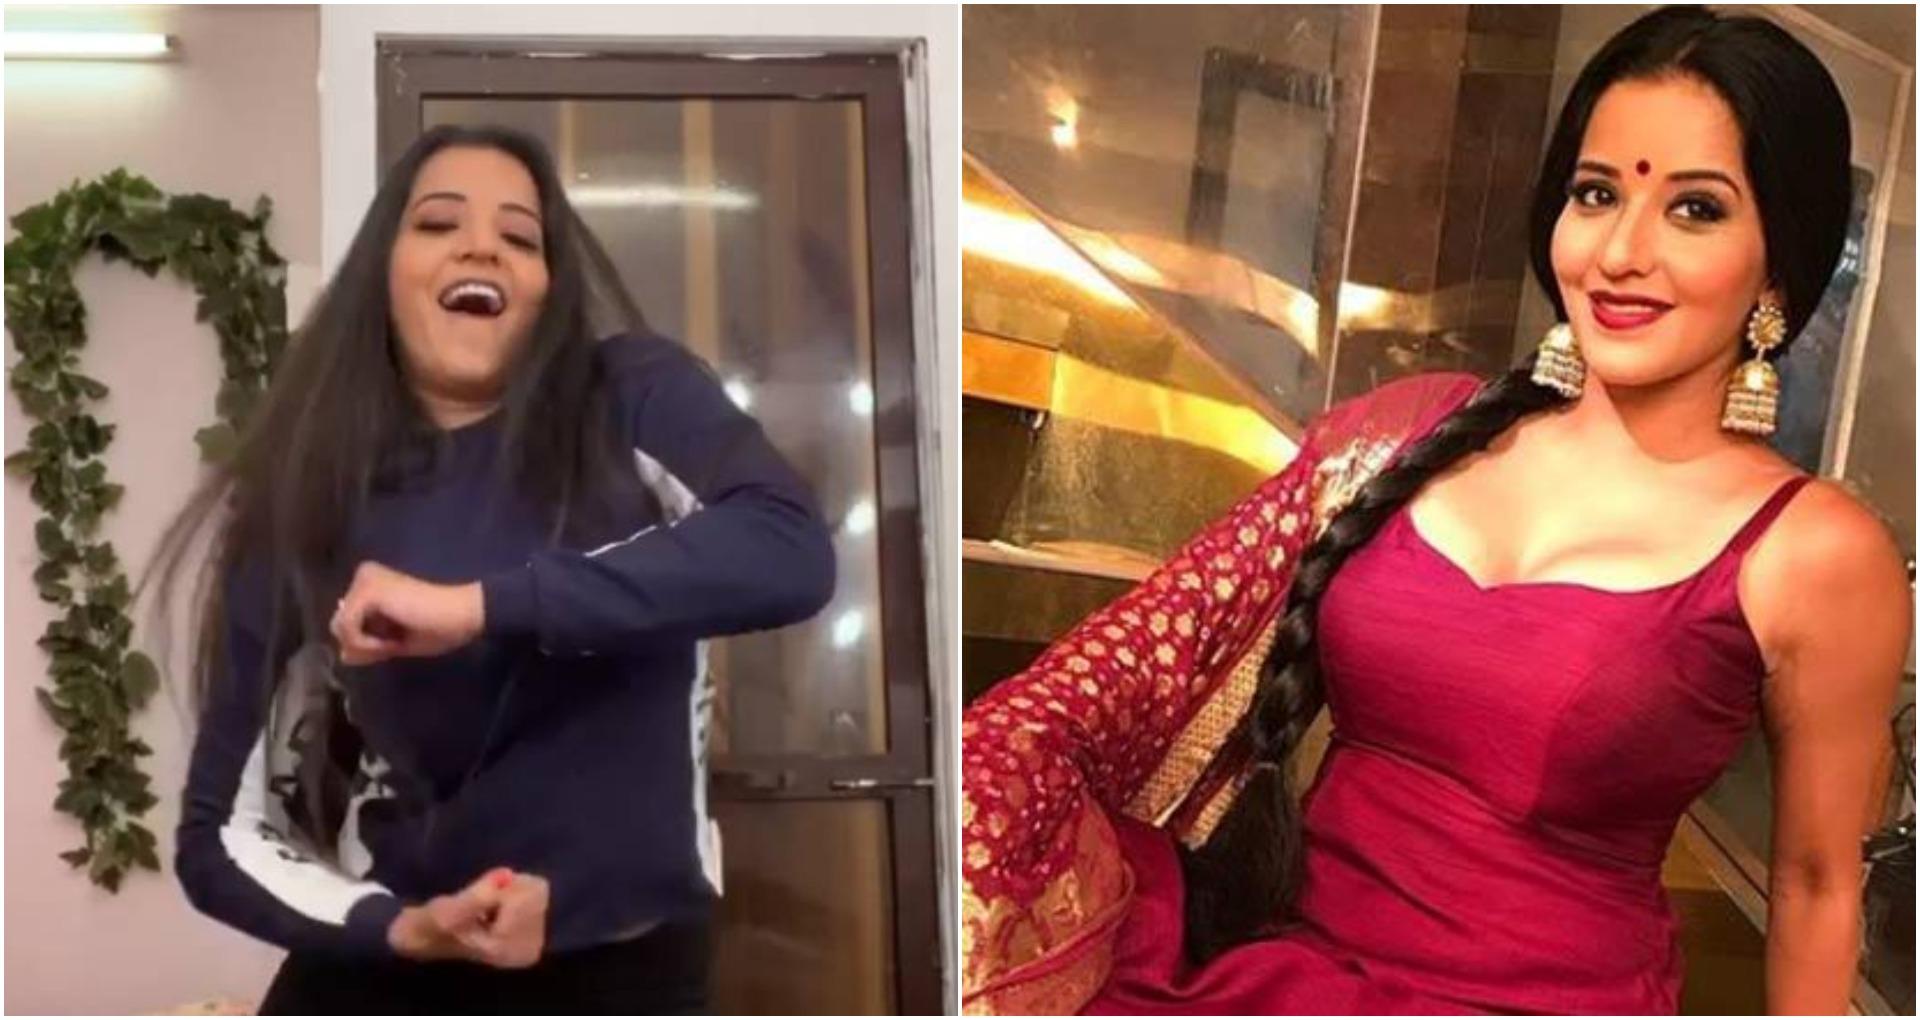 भोजपुरी अभिनेत्री मोनालिसा ने किया मुकाबला गाने पर डांस, लोग हुए पागल, देखें वीडियो